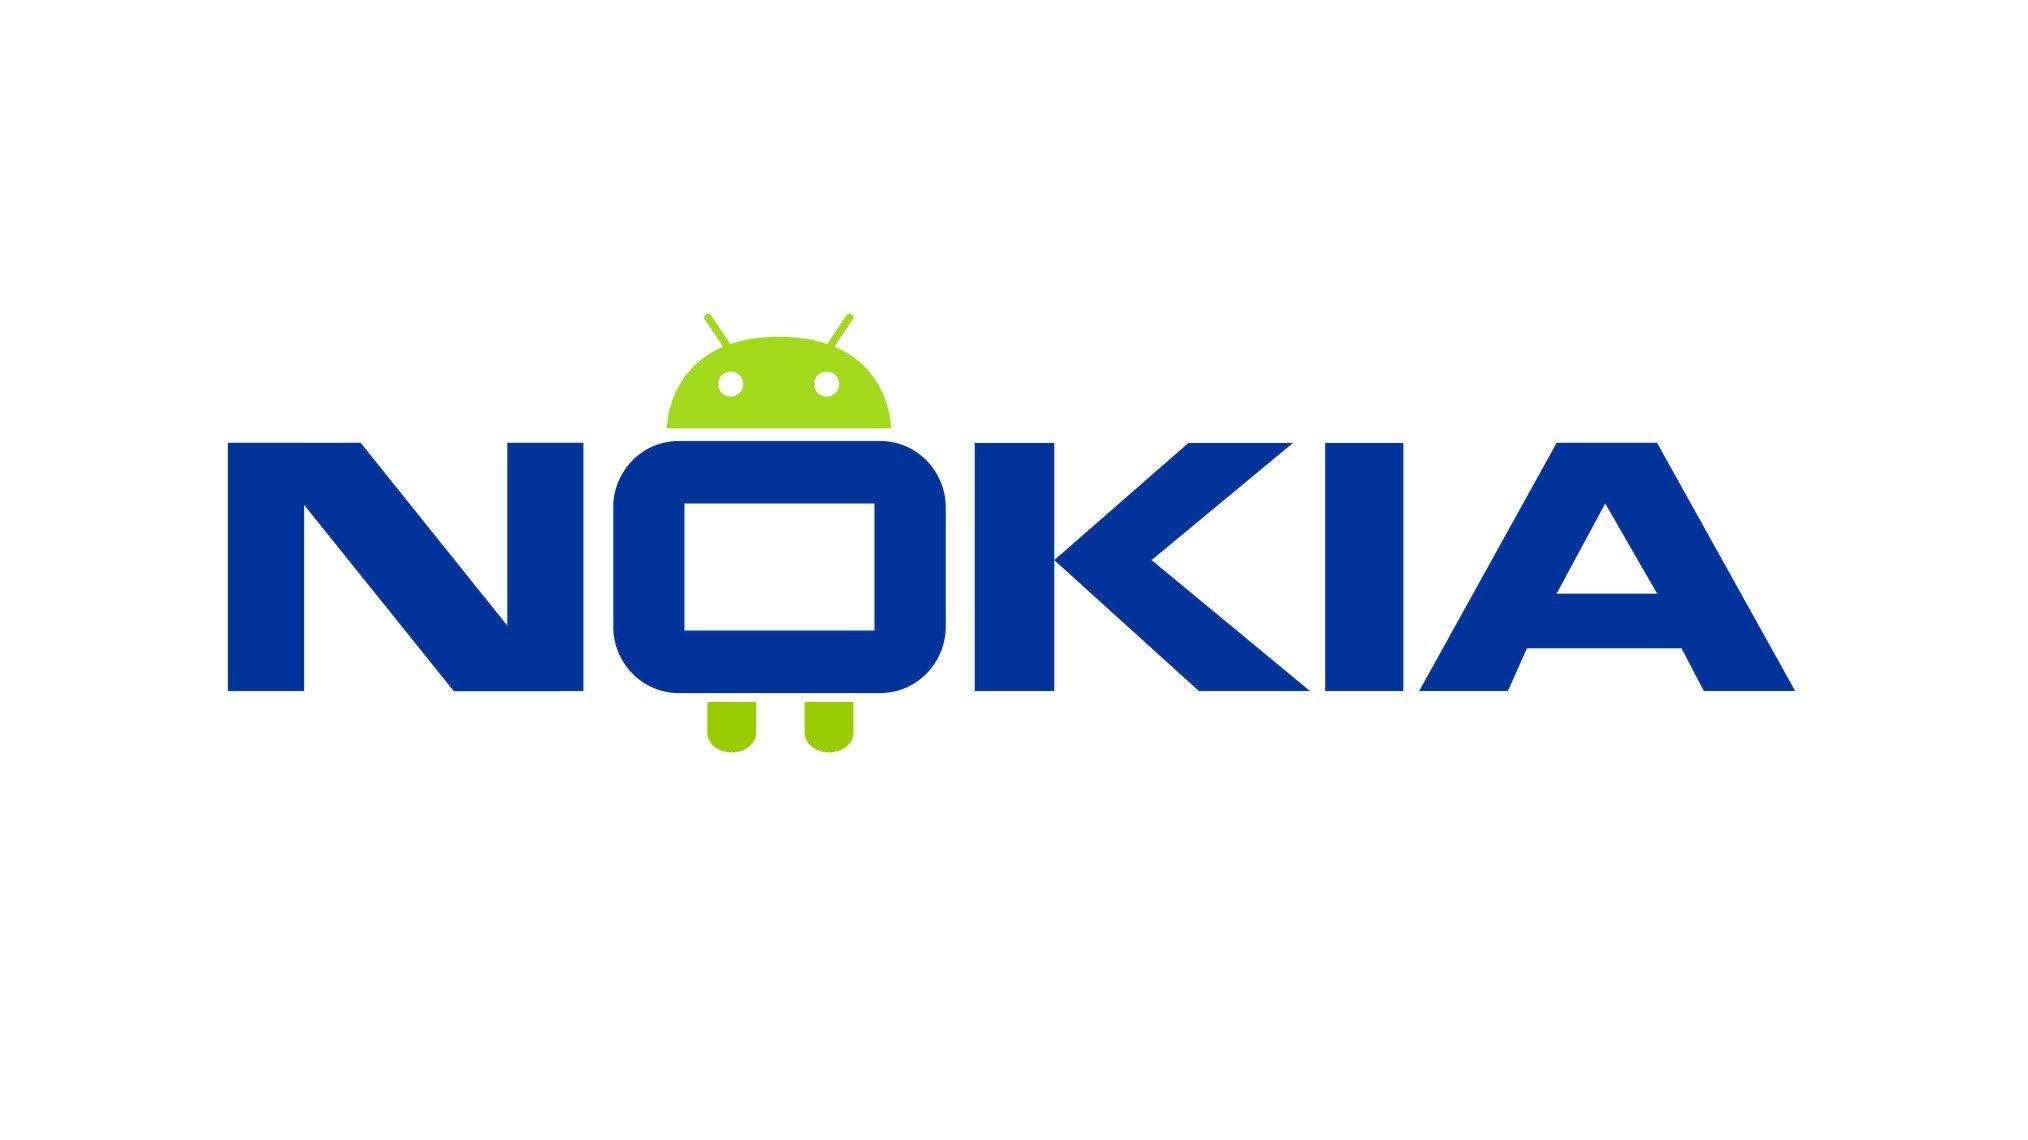 Nokia 9 sortie la fin de l 39 t avec un prix haut de gamme androidpit - Date fin soldes ete 2017 ...